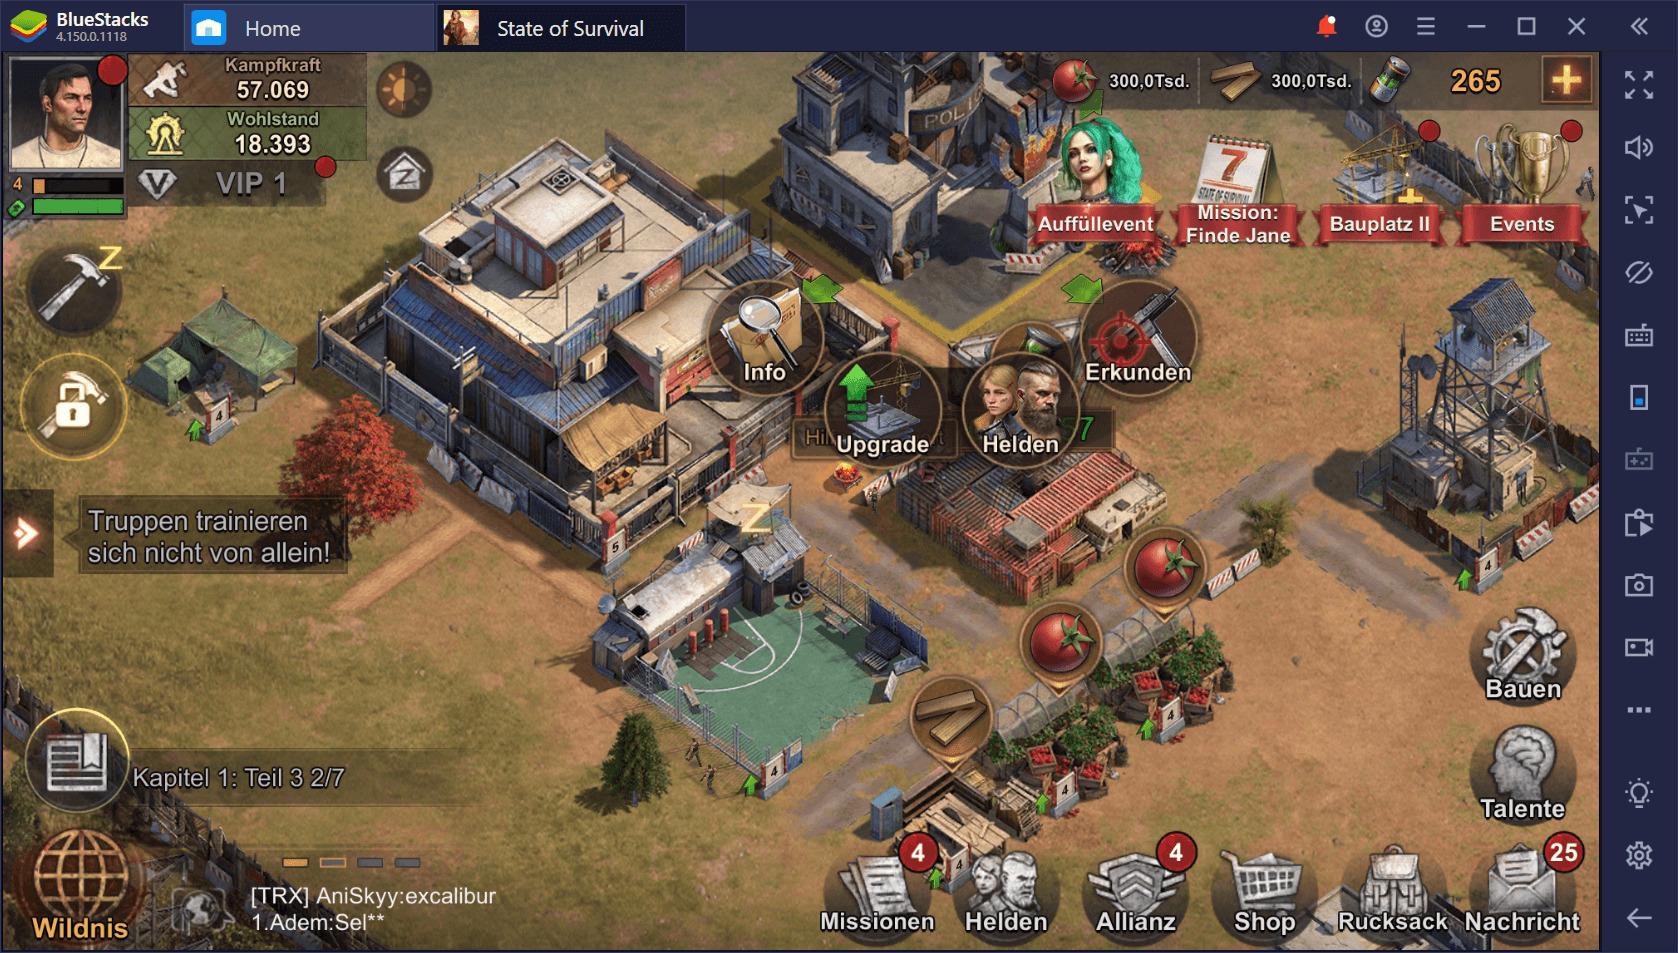 State of Survival auf dem PC: Mit BlueStacks gewinnst du in diesem Zombiespiel